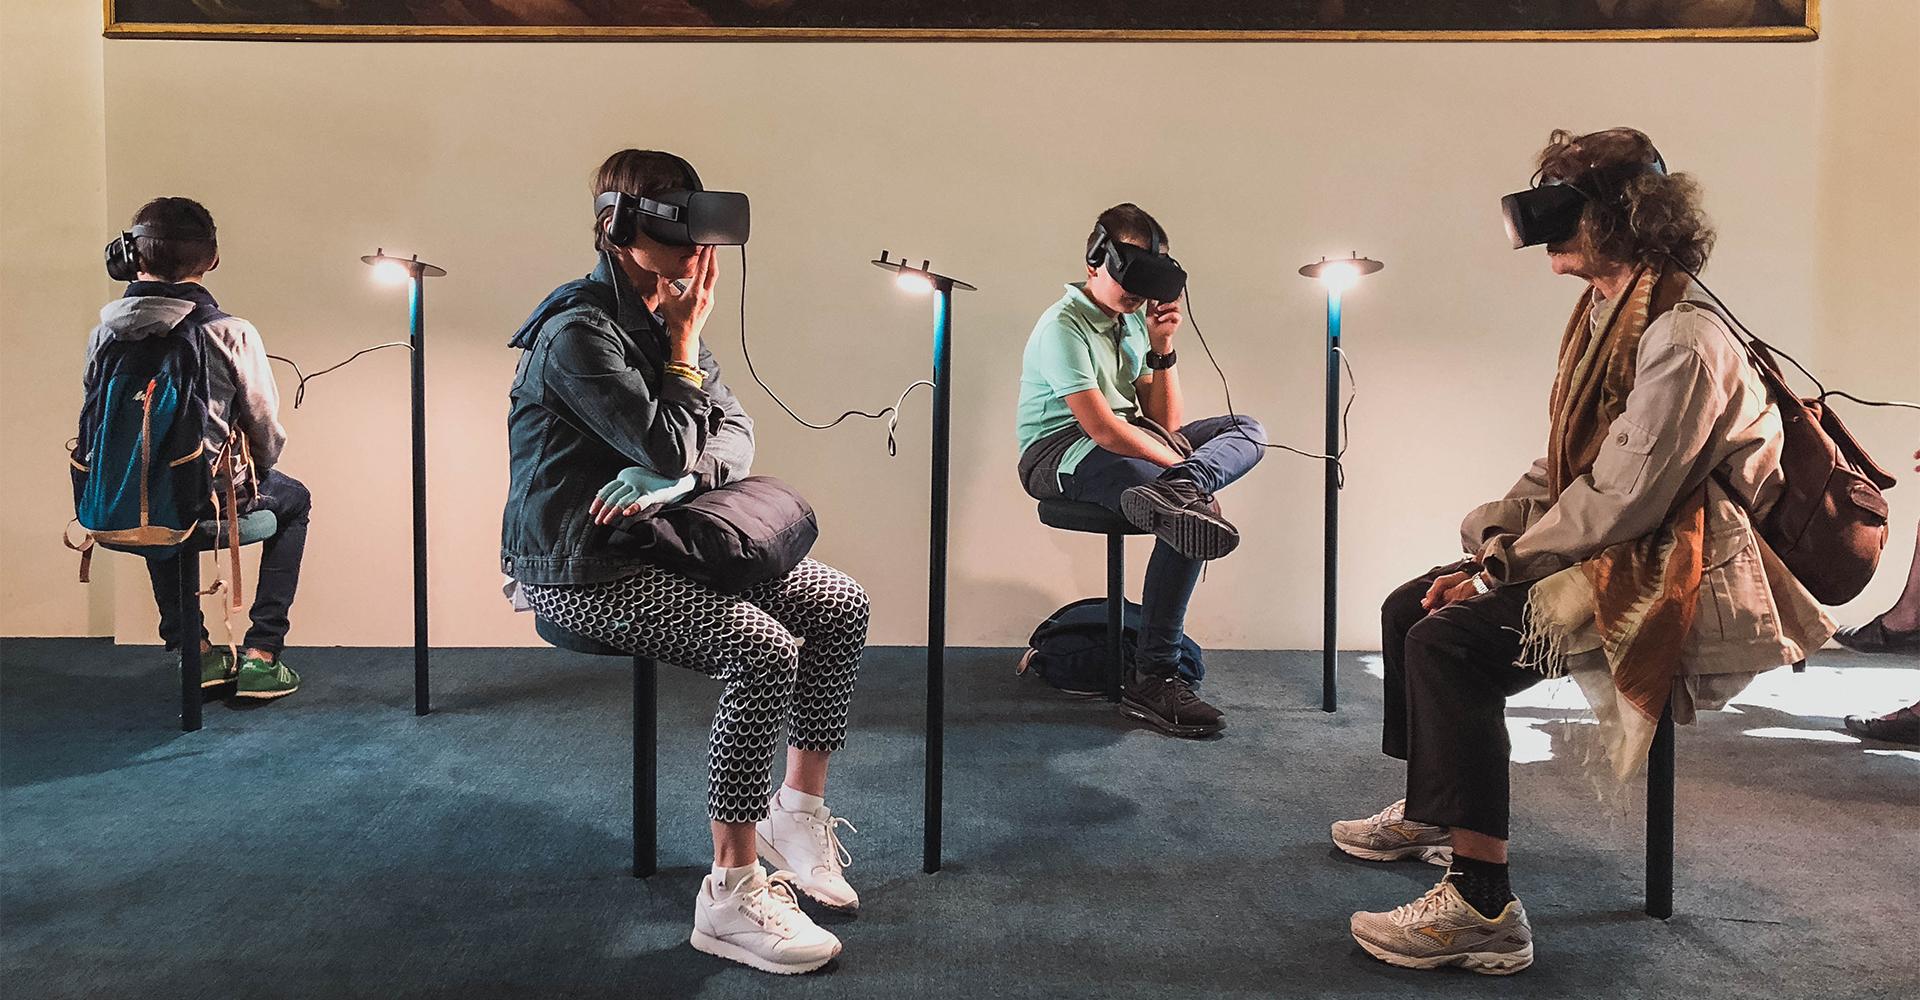 Menschen mit VR-Brillen besuchen eine VR-Ausstellung